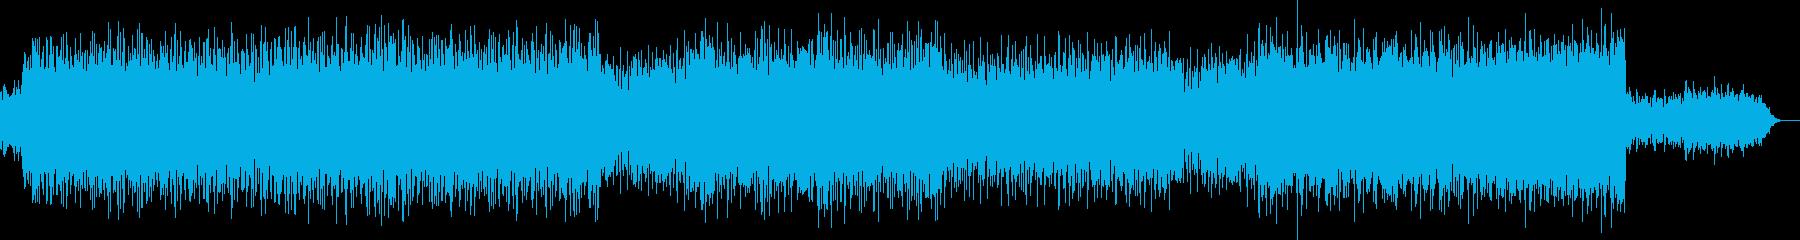 ミステリー・冷たい・怪しい細かなリズム曲の再生済みの波形